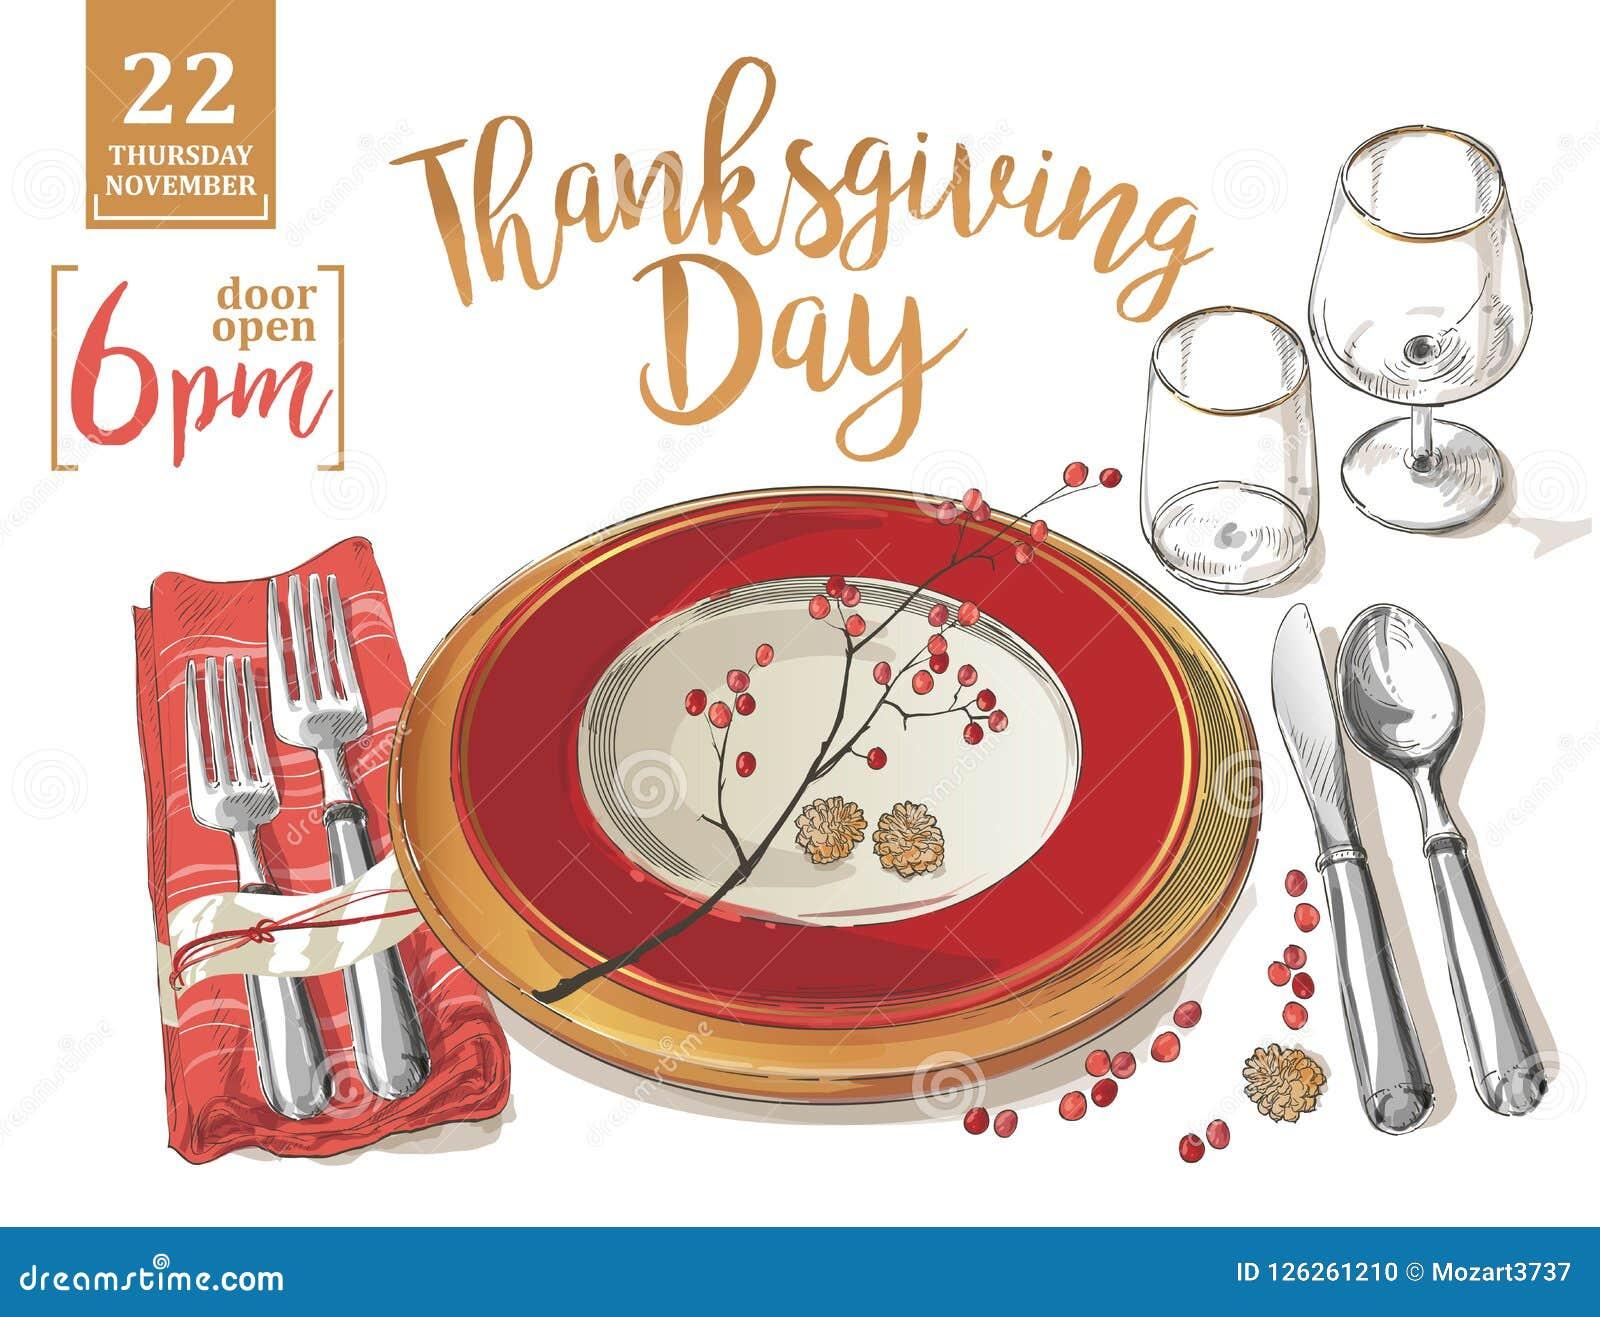 Δίκρανα προτύπων αφισών ημέρας των ευχαριστιών, μαχαίρια, κουτάλια, κενό γυαλί κρασιού πιάτων